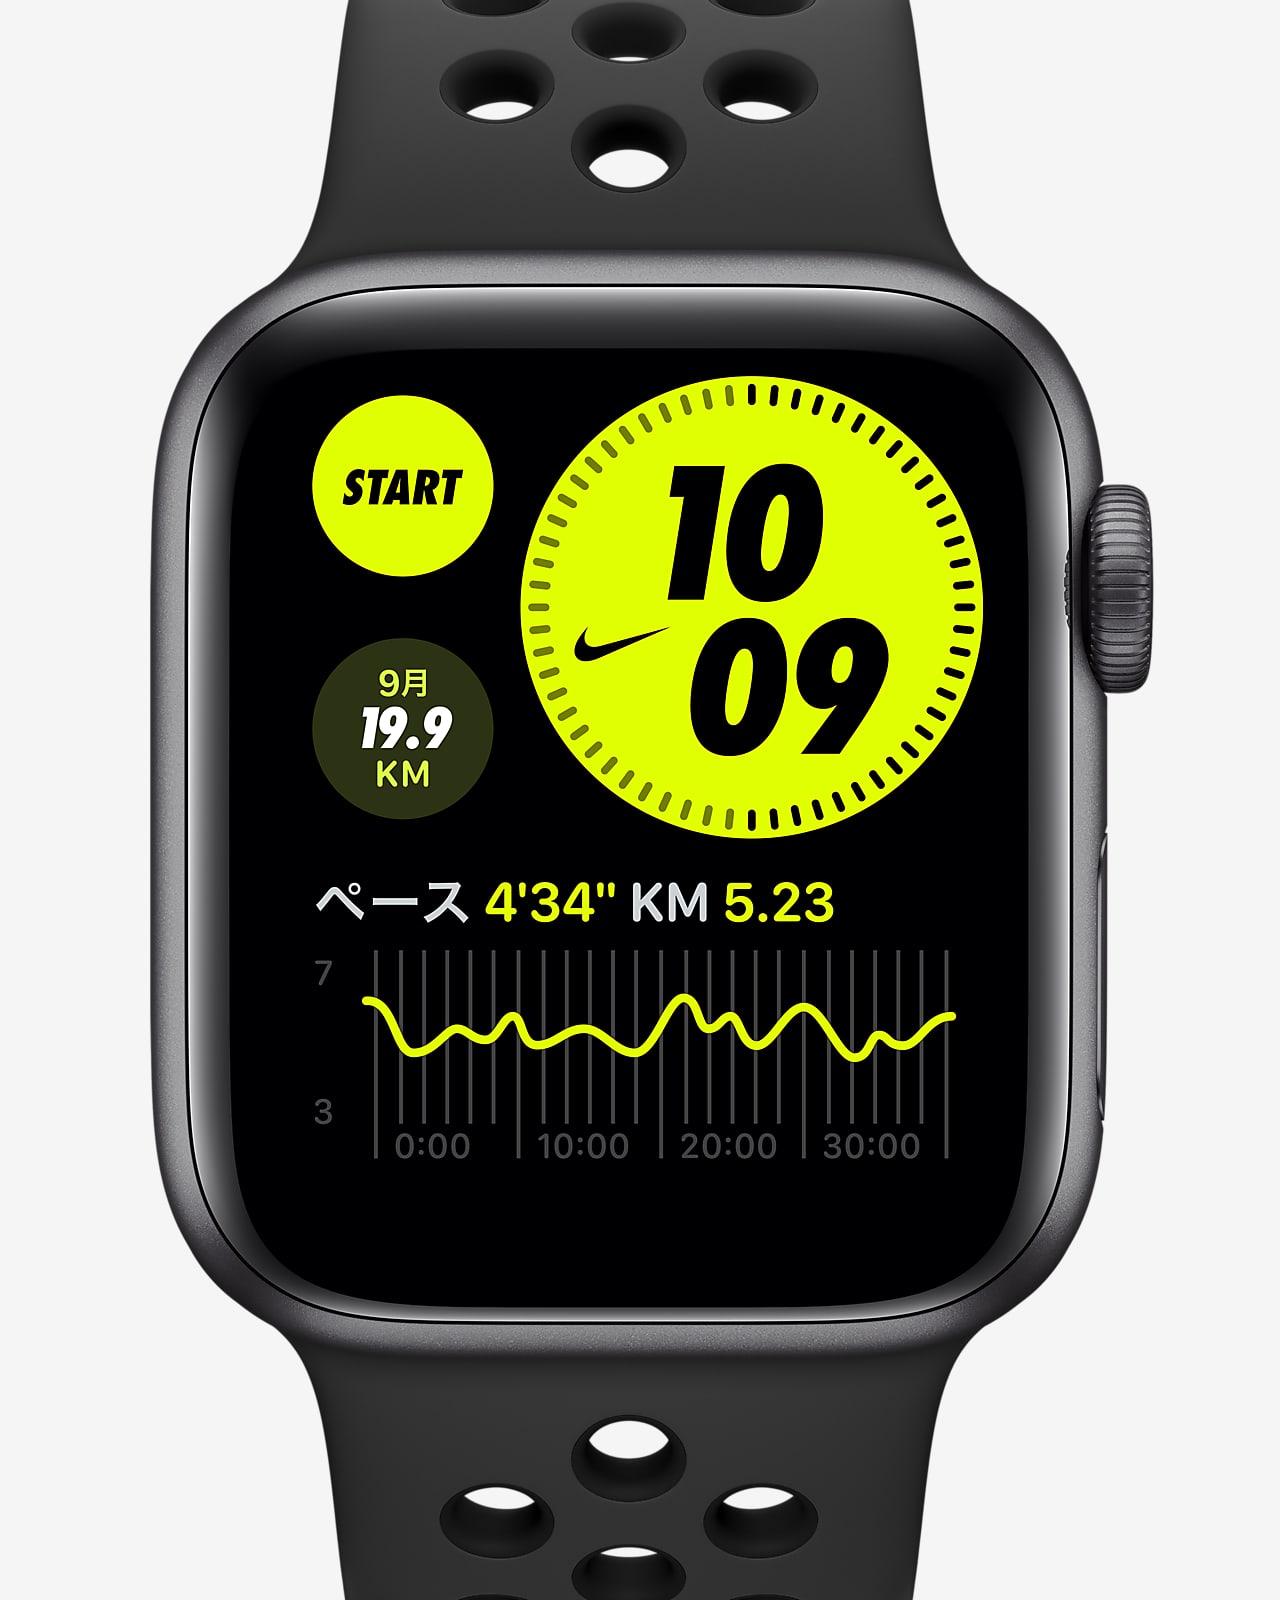 アップル ウォッチ ナイキ SE (GPS + Cellular) with ナイキ スポーツバンド 40mm スペース グレー アルミニウム ケース